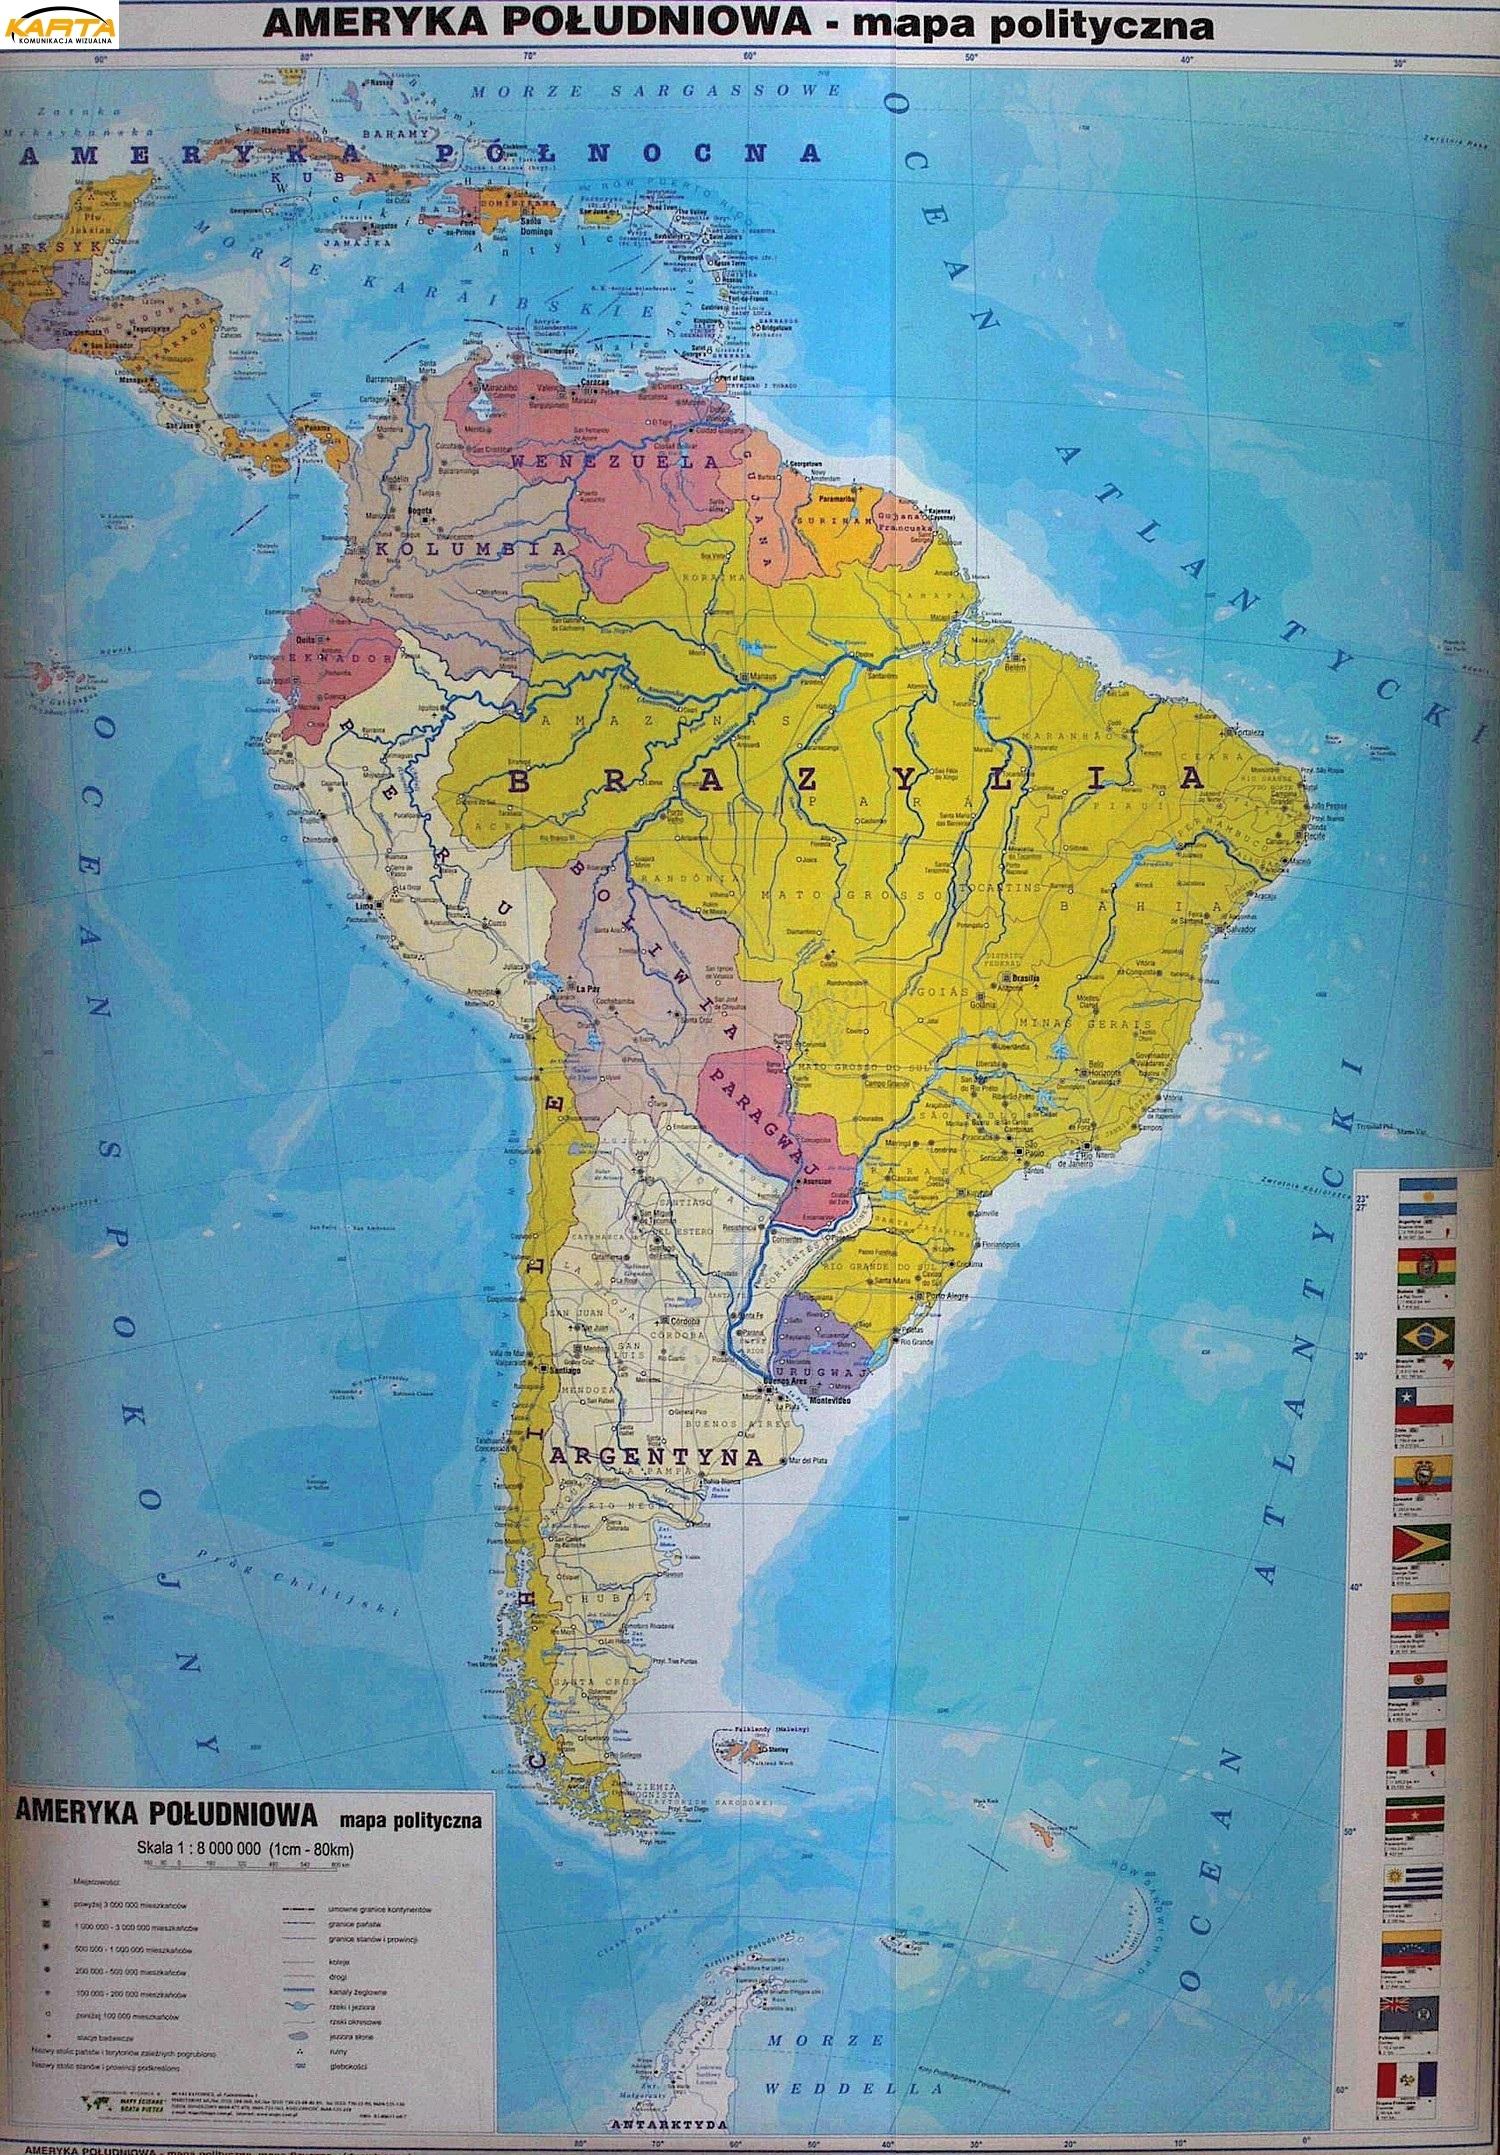 Mapa W Ramie Alu Ameryka Poludniowa Polityczna 1 8 Mln 104x140 Pietka